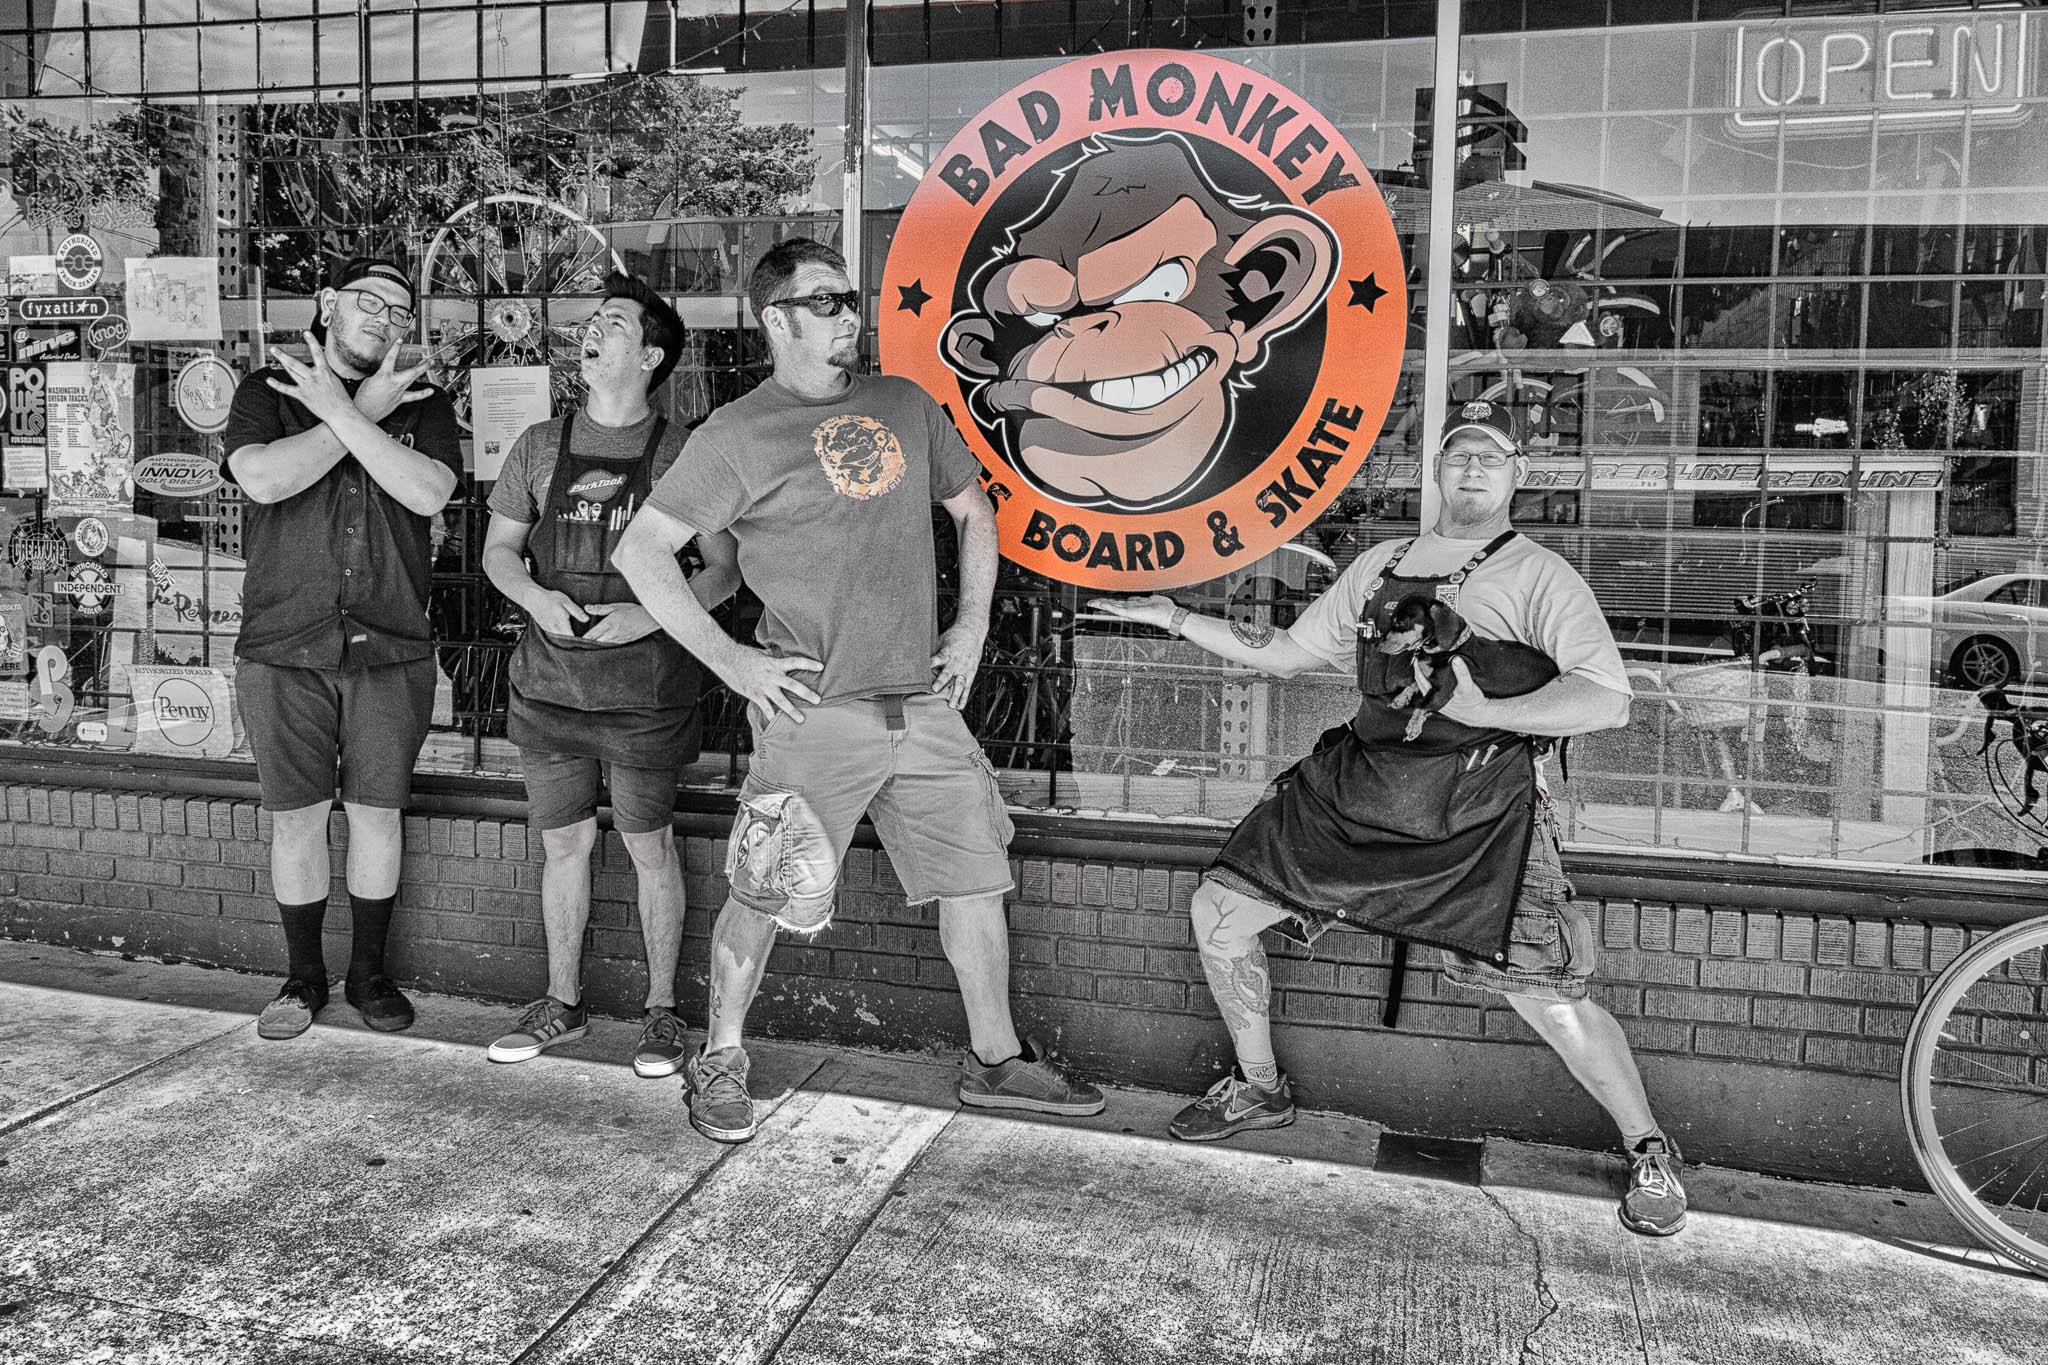 Bad Monkey Crew